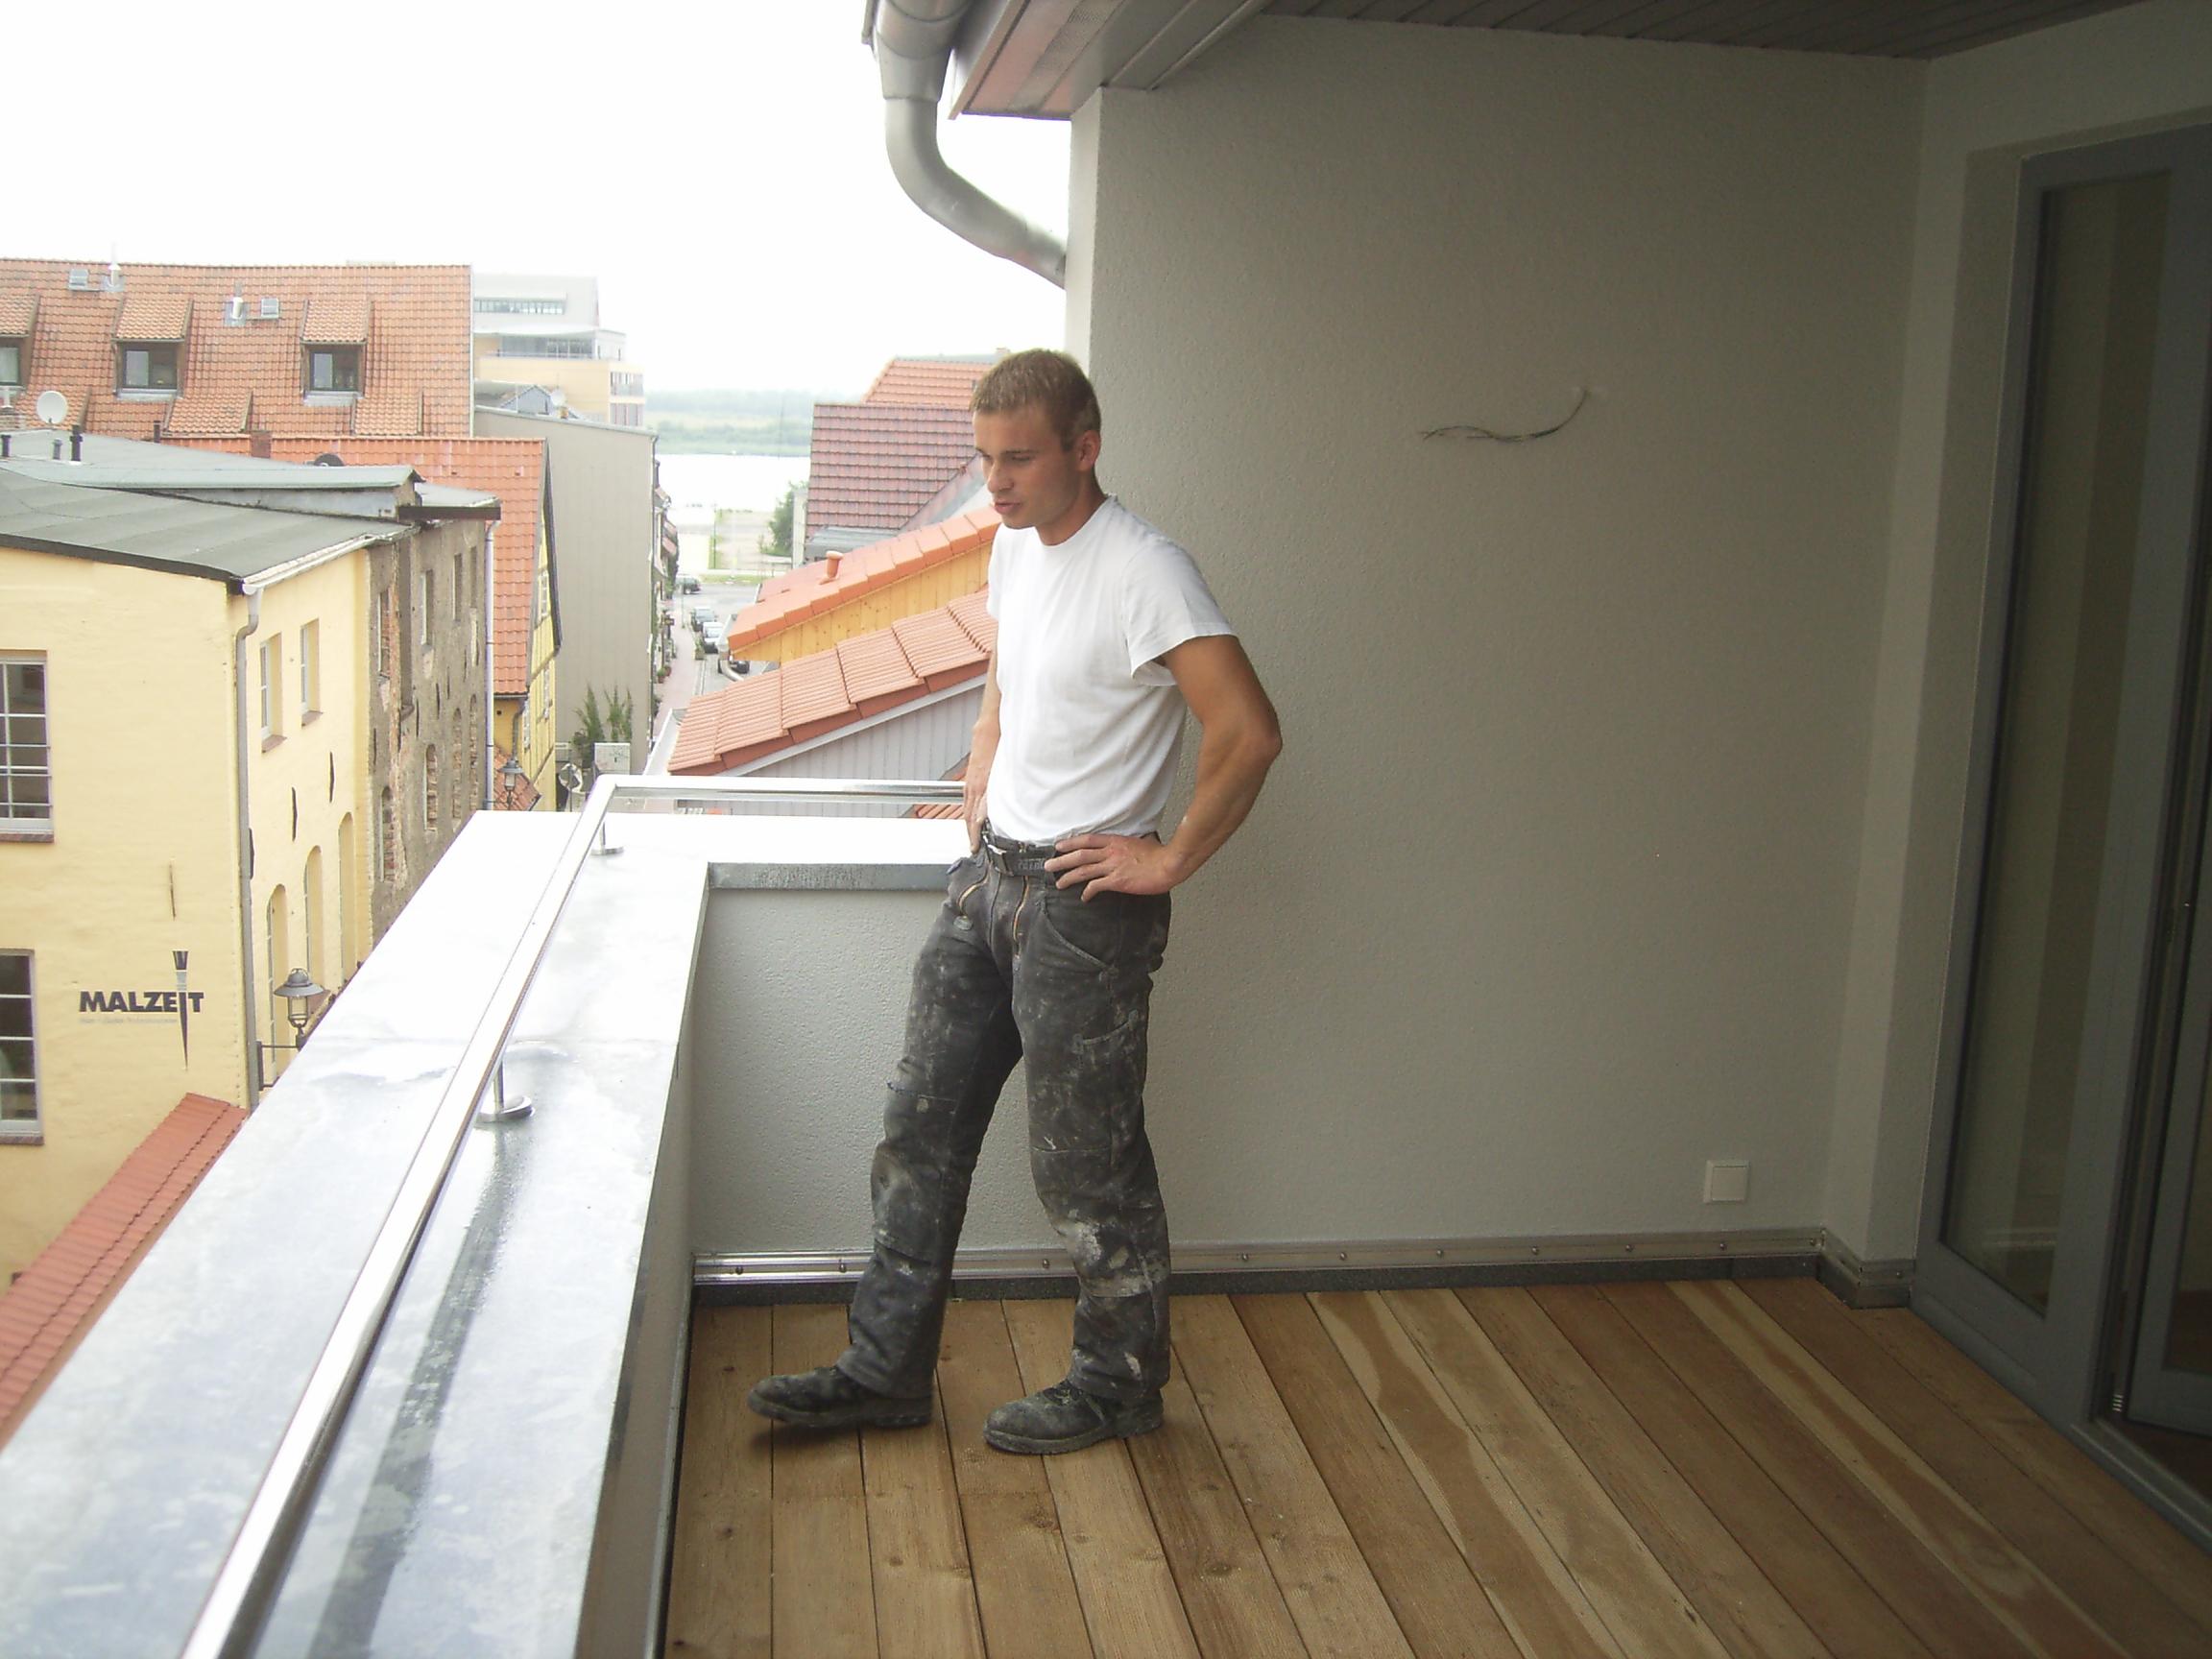 Sfondi finestra legna casa in piedi angolo rostock tetto